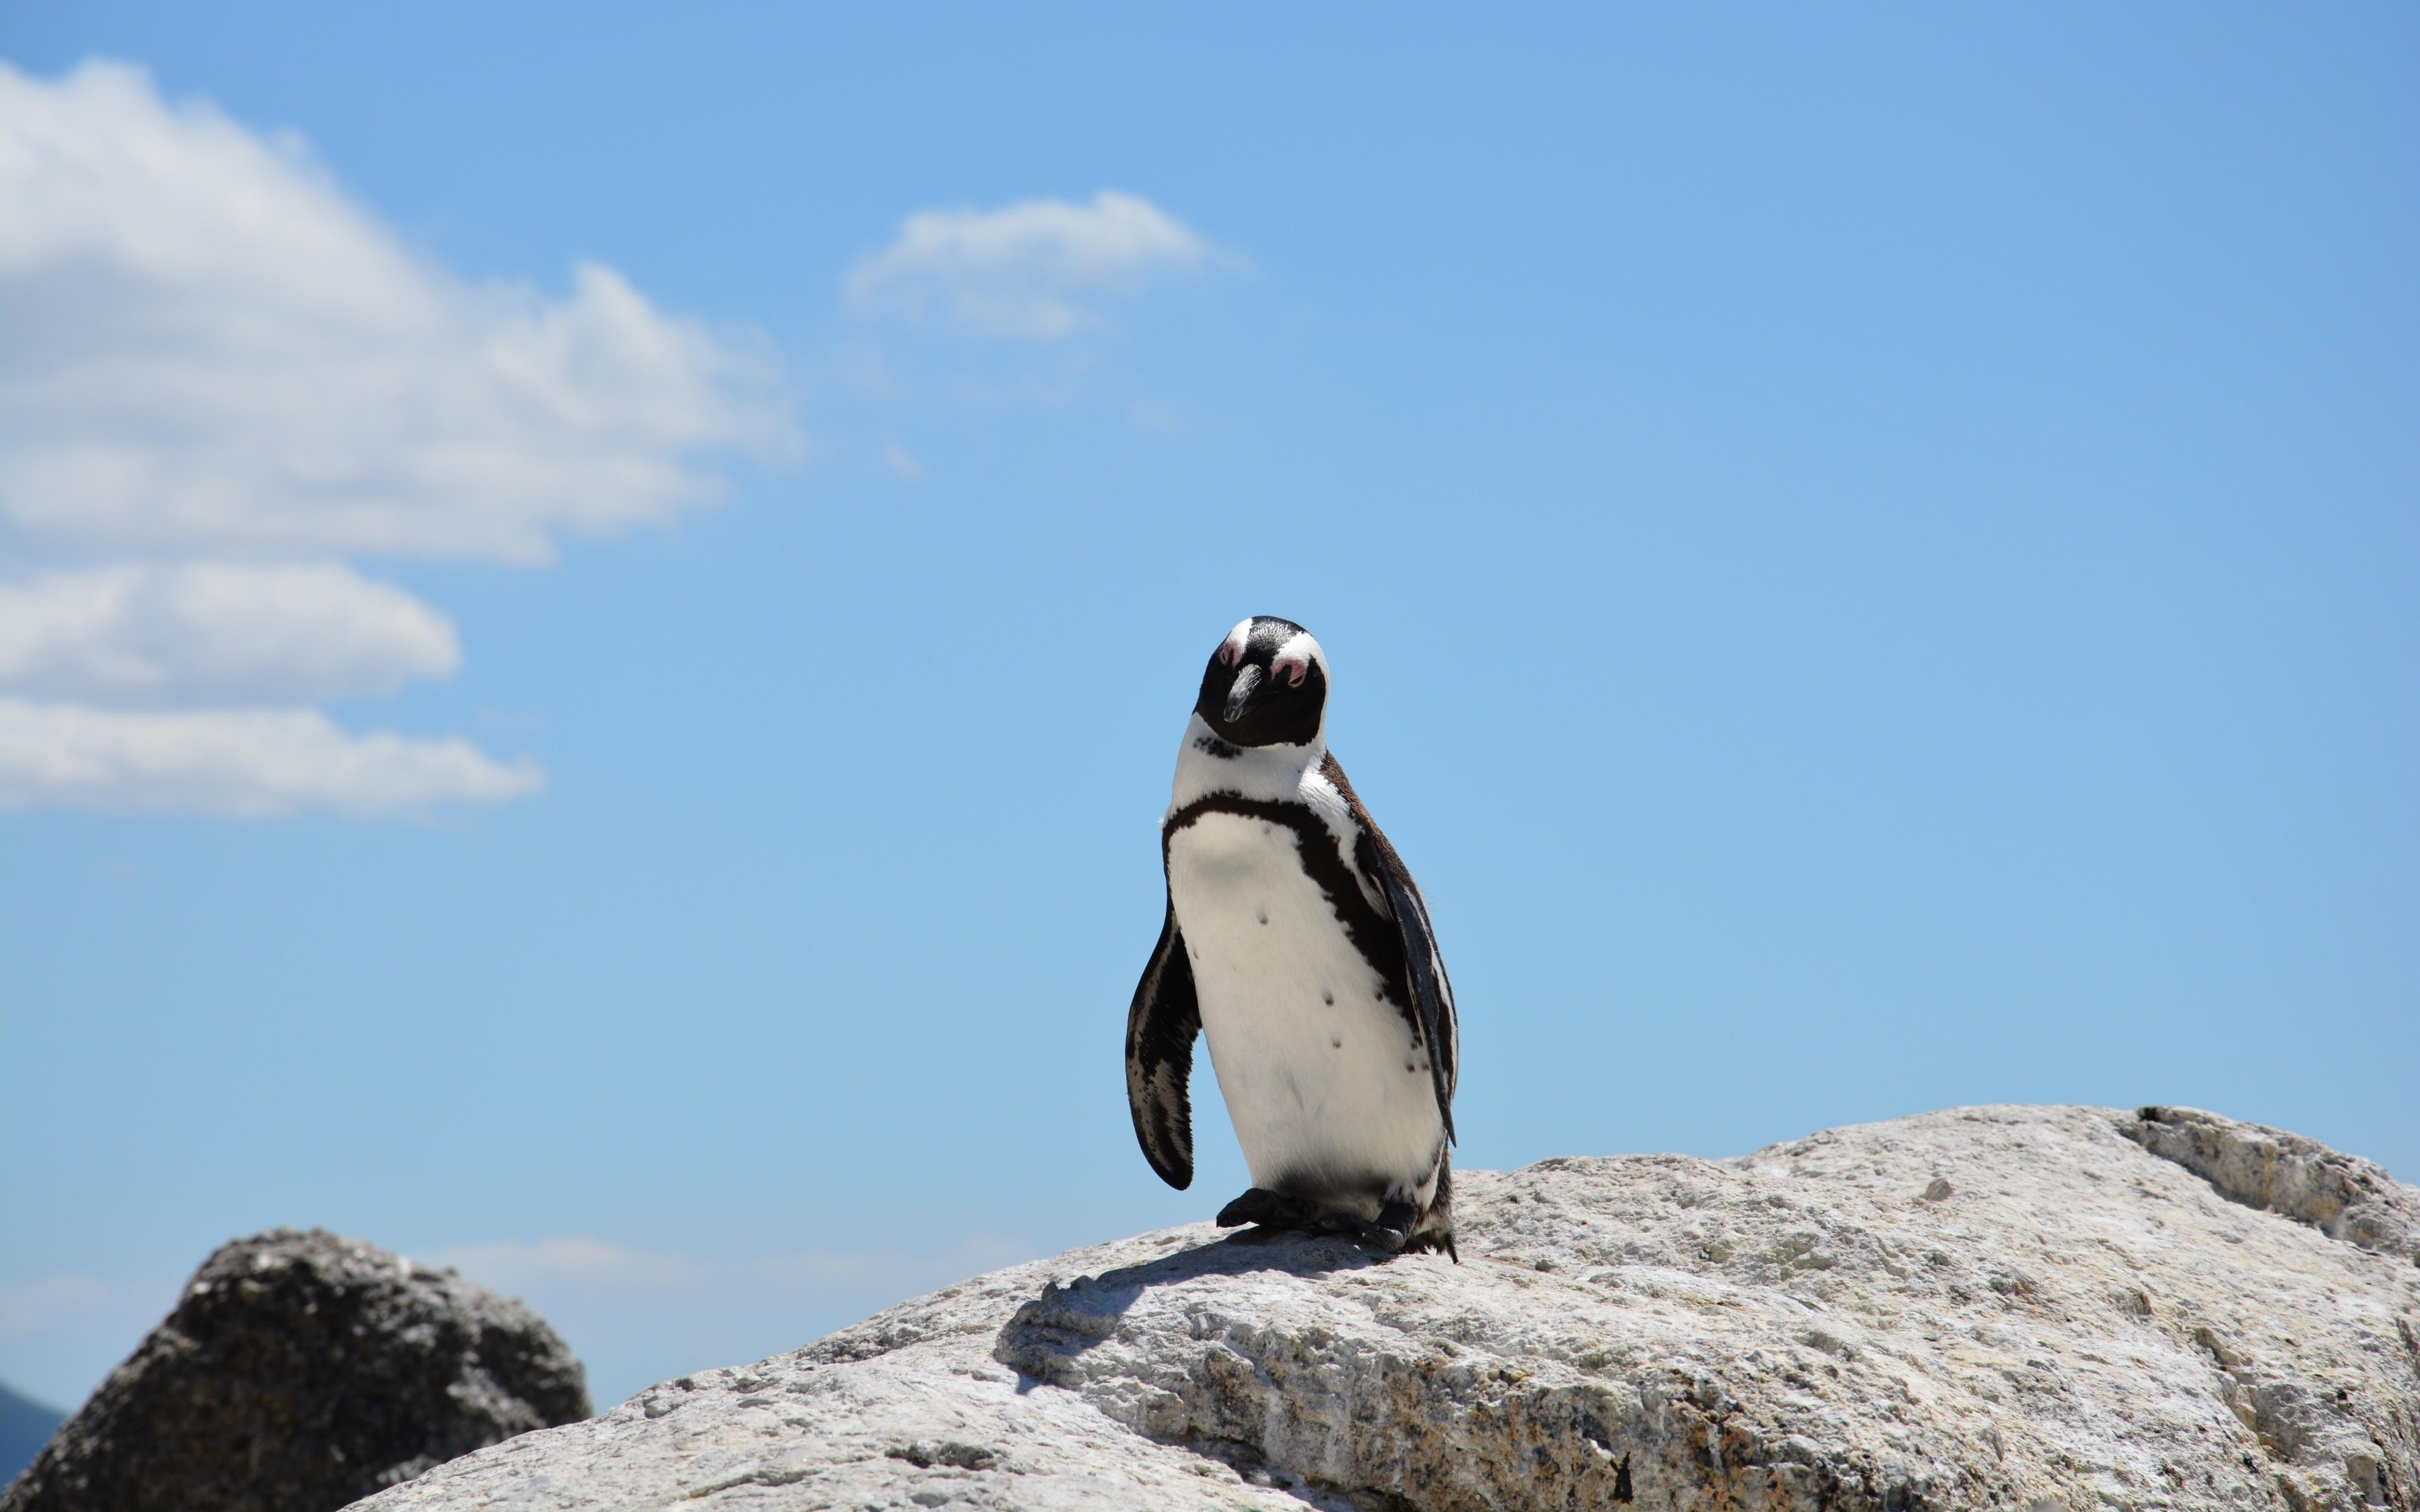 Пингвины на камушках  № 2020606  скачать